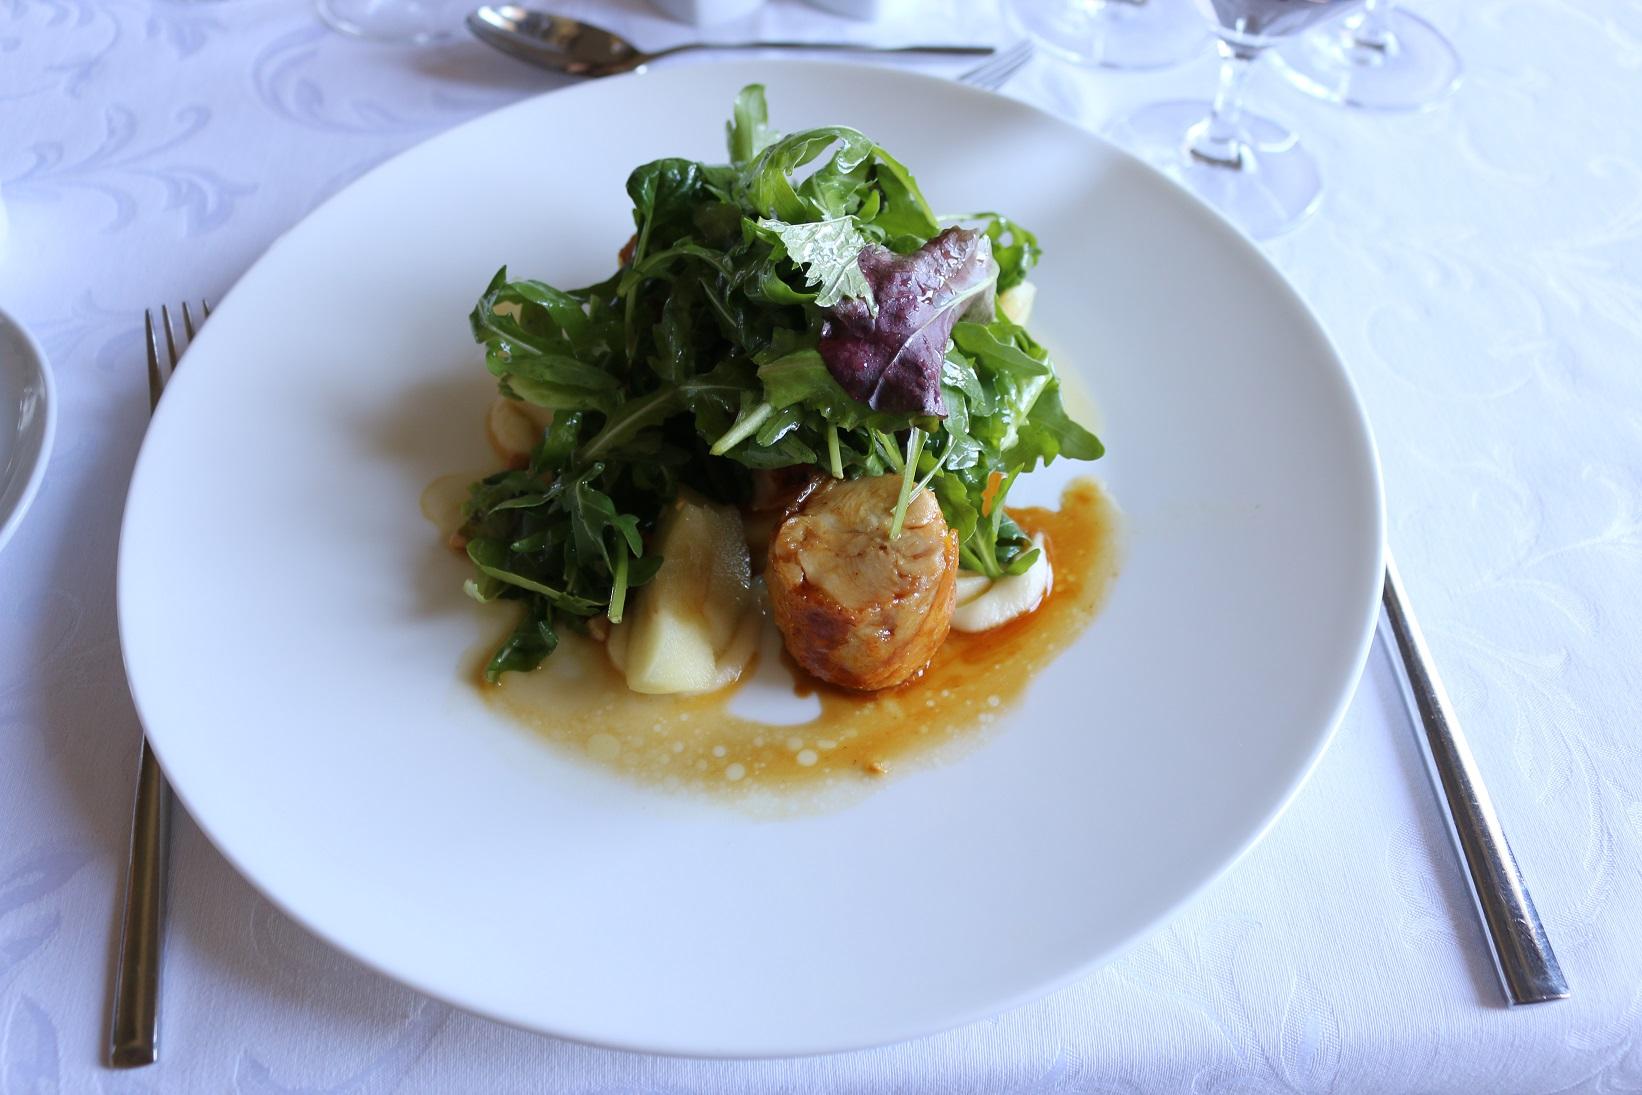 Halaszbastya Restaurant warm apple salad chicken